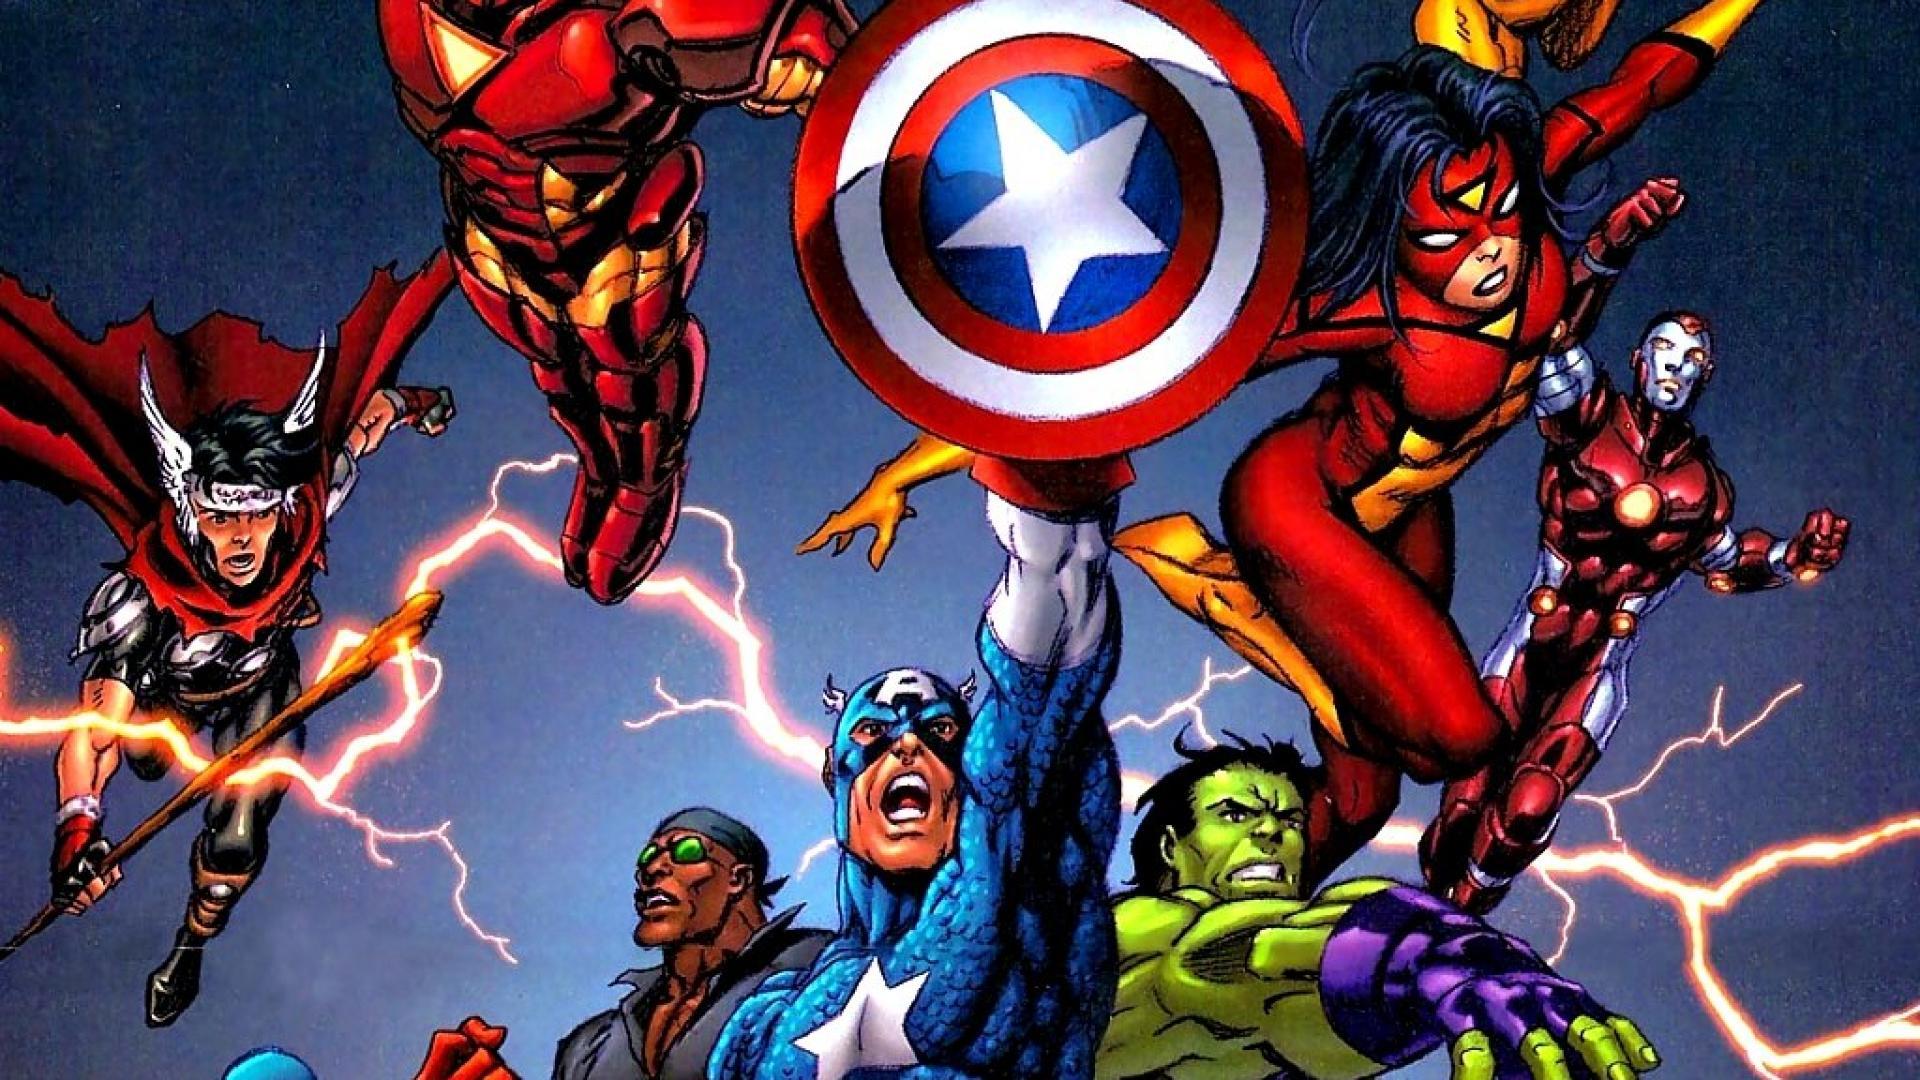 Avengers Cartoon Wall Paper 1920x1080 Wallpaper Teahub Io